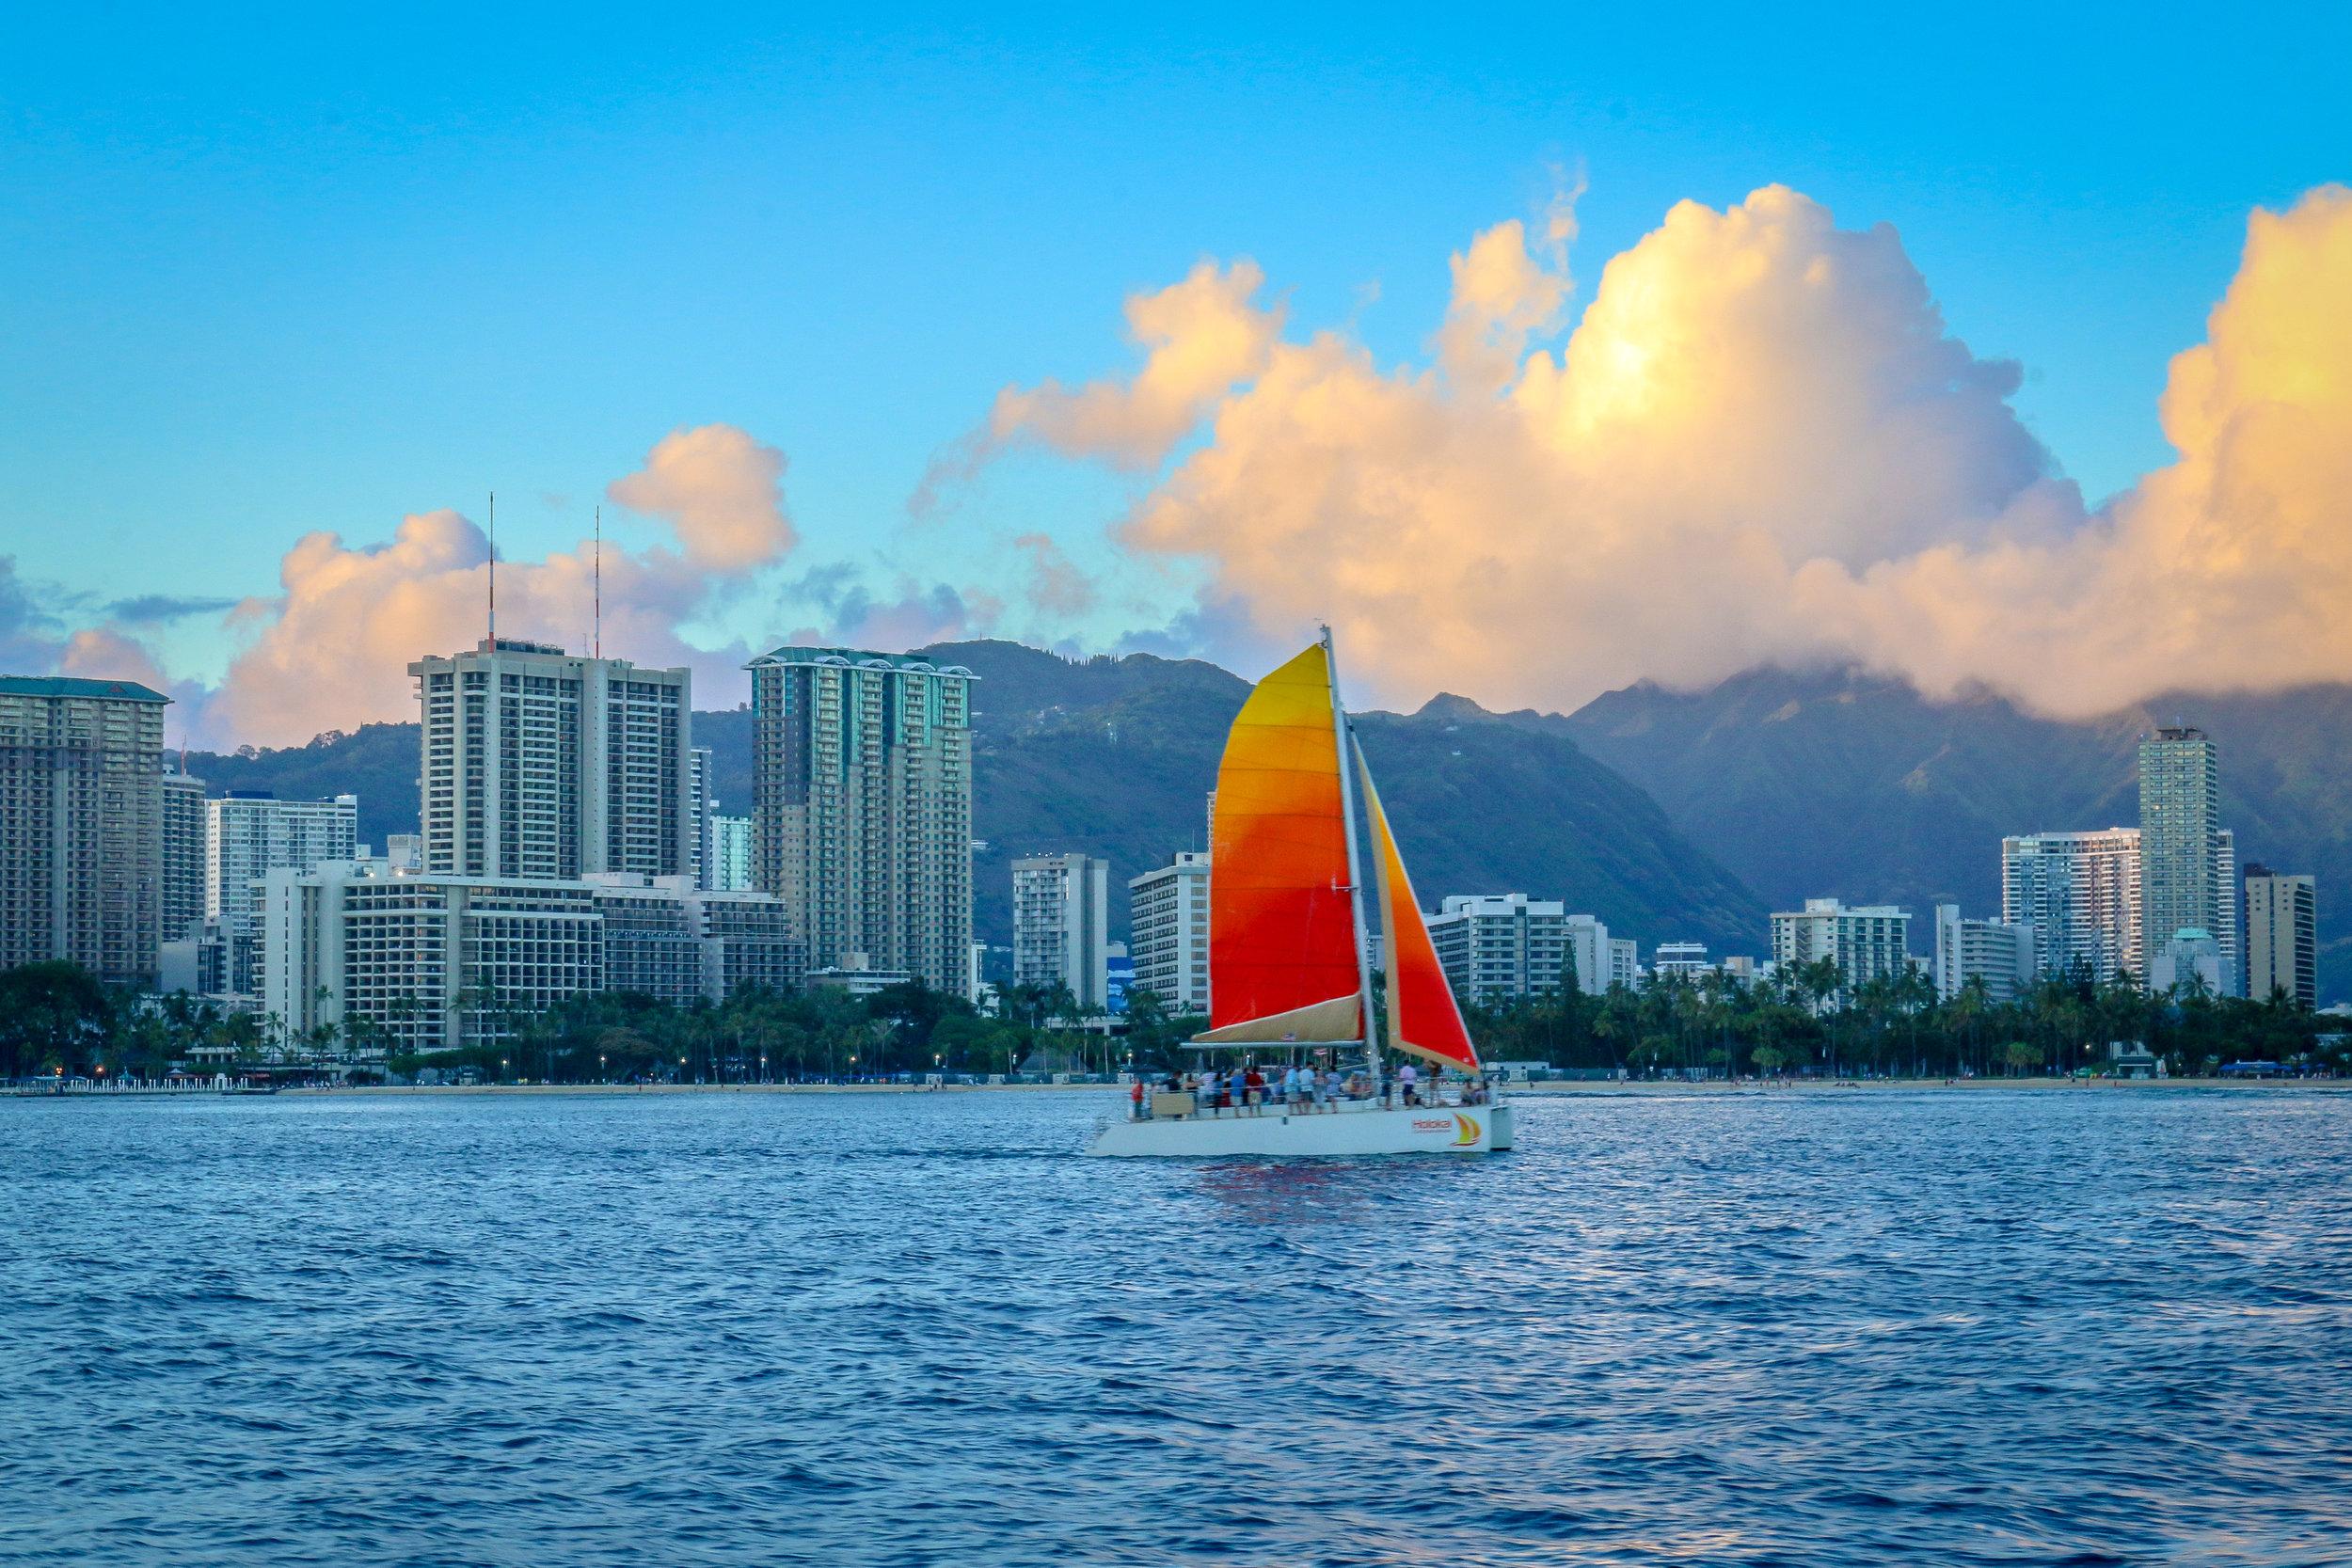 Sunset Sail at Waikiki